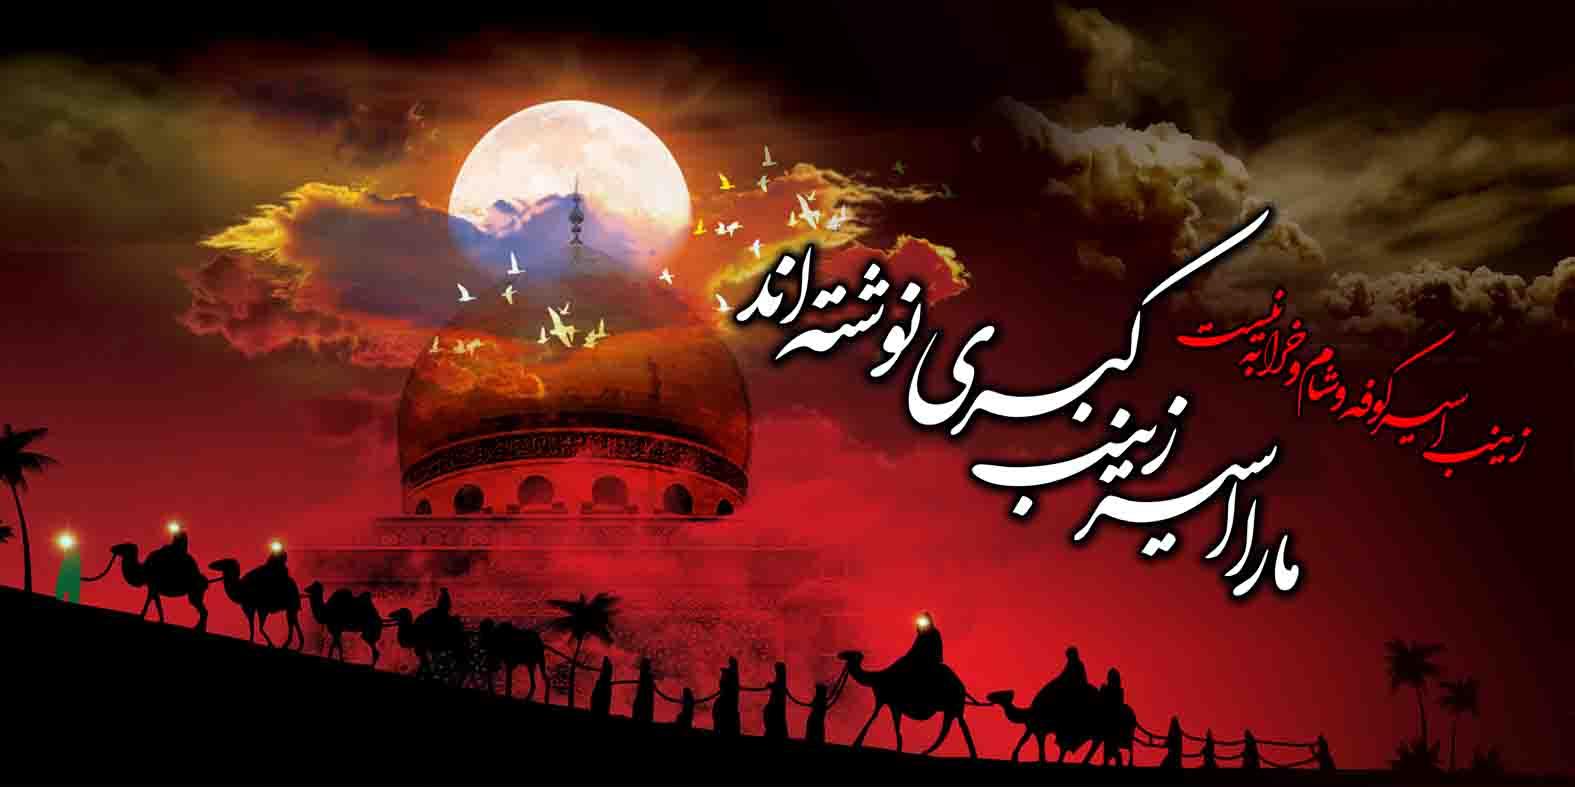 دانلود طرح لایه باز حضرت زینب سلام الله